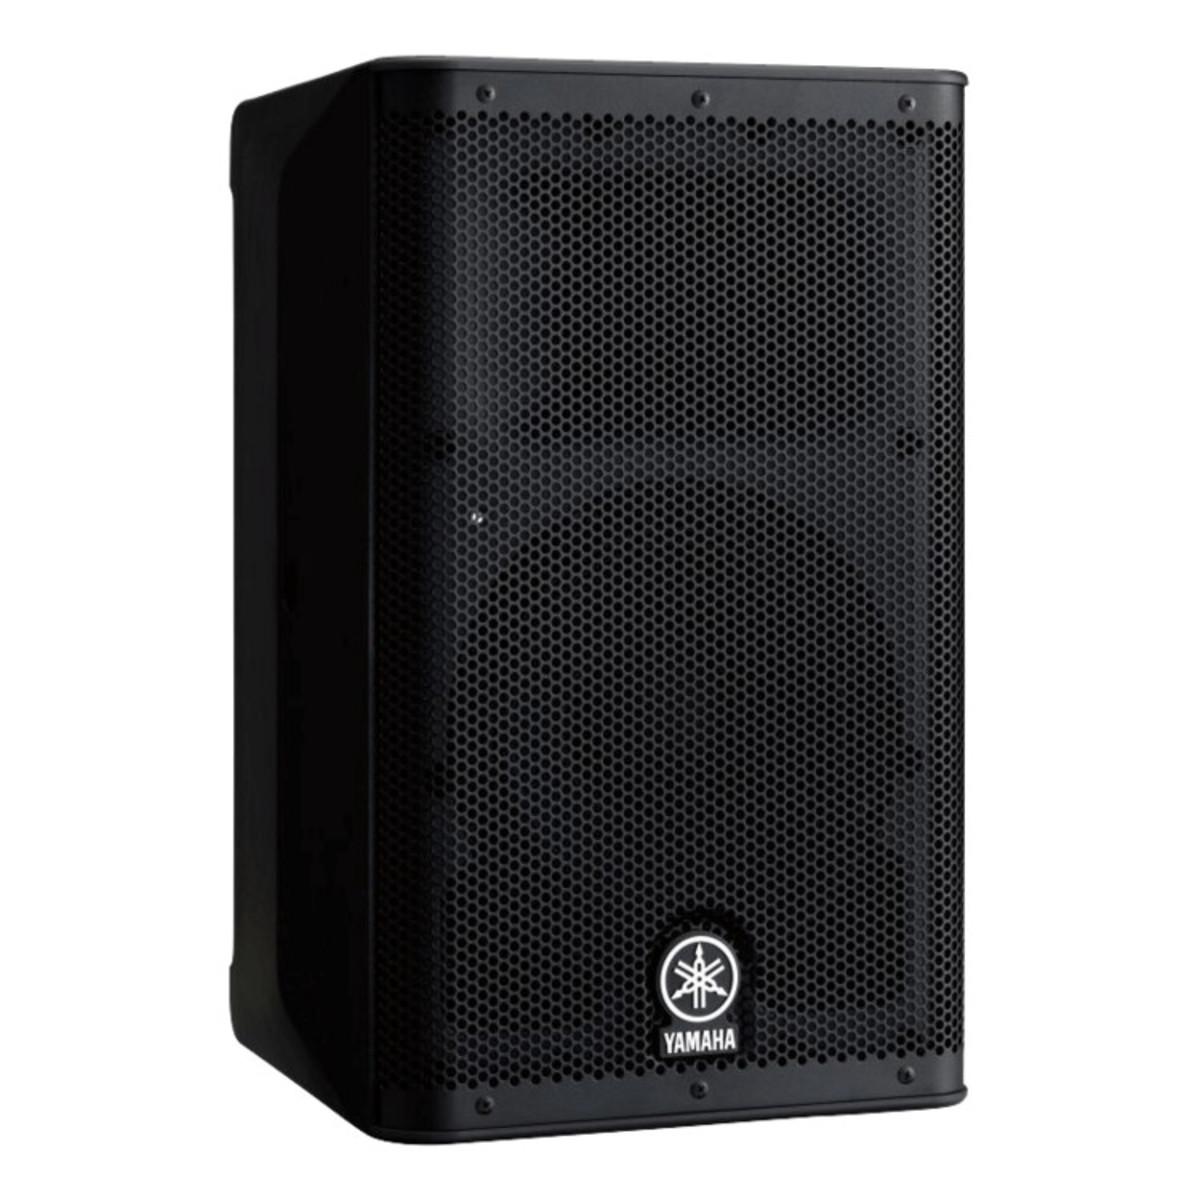 Yamaha dxr10 10 39 39 2 way active loudspeaker at for Yamaha dxr10 speakers